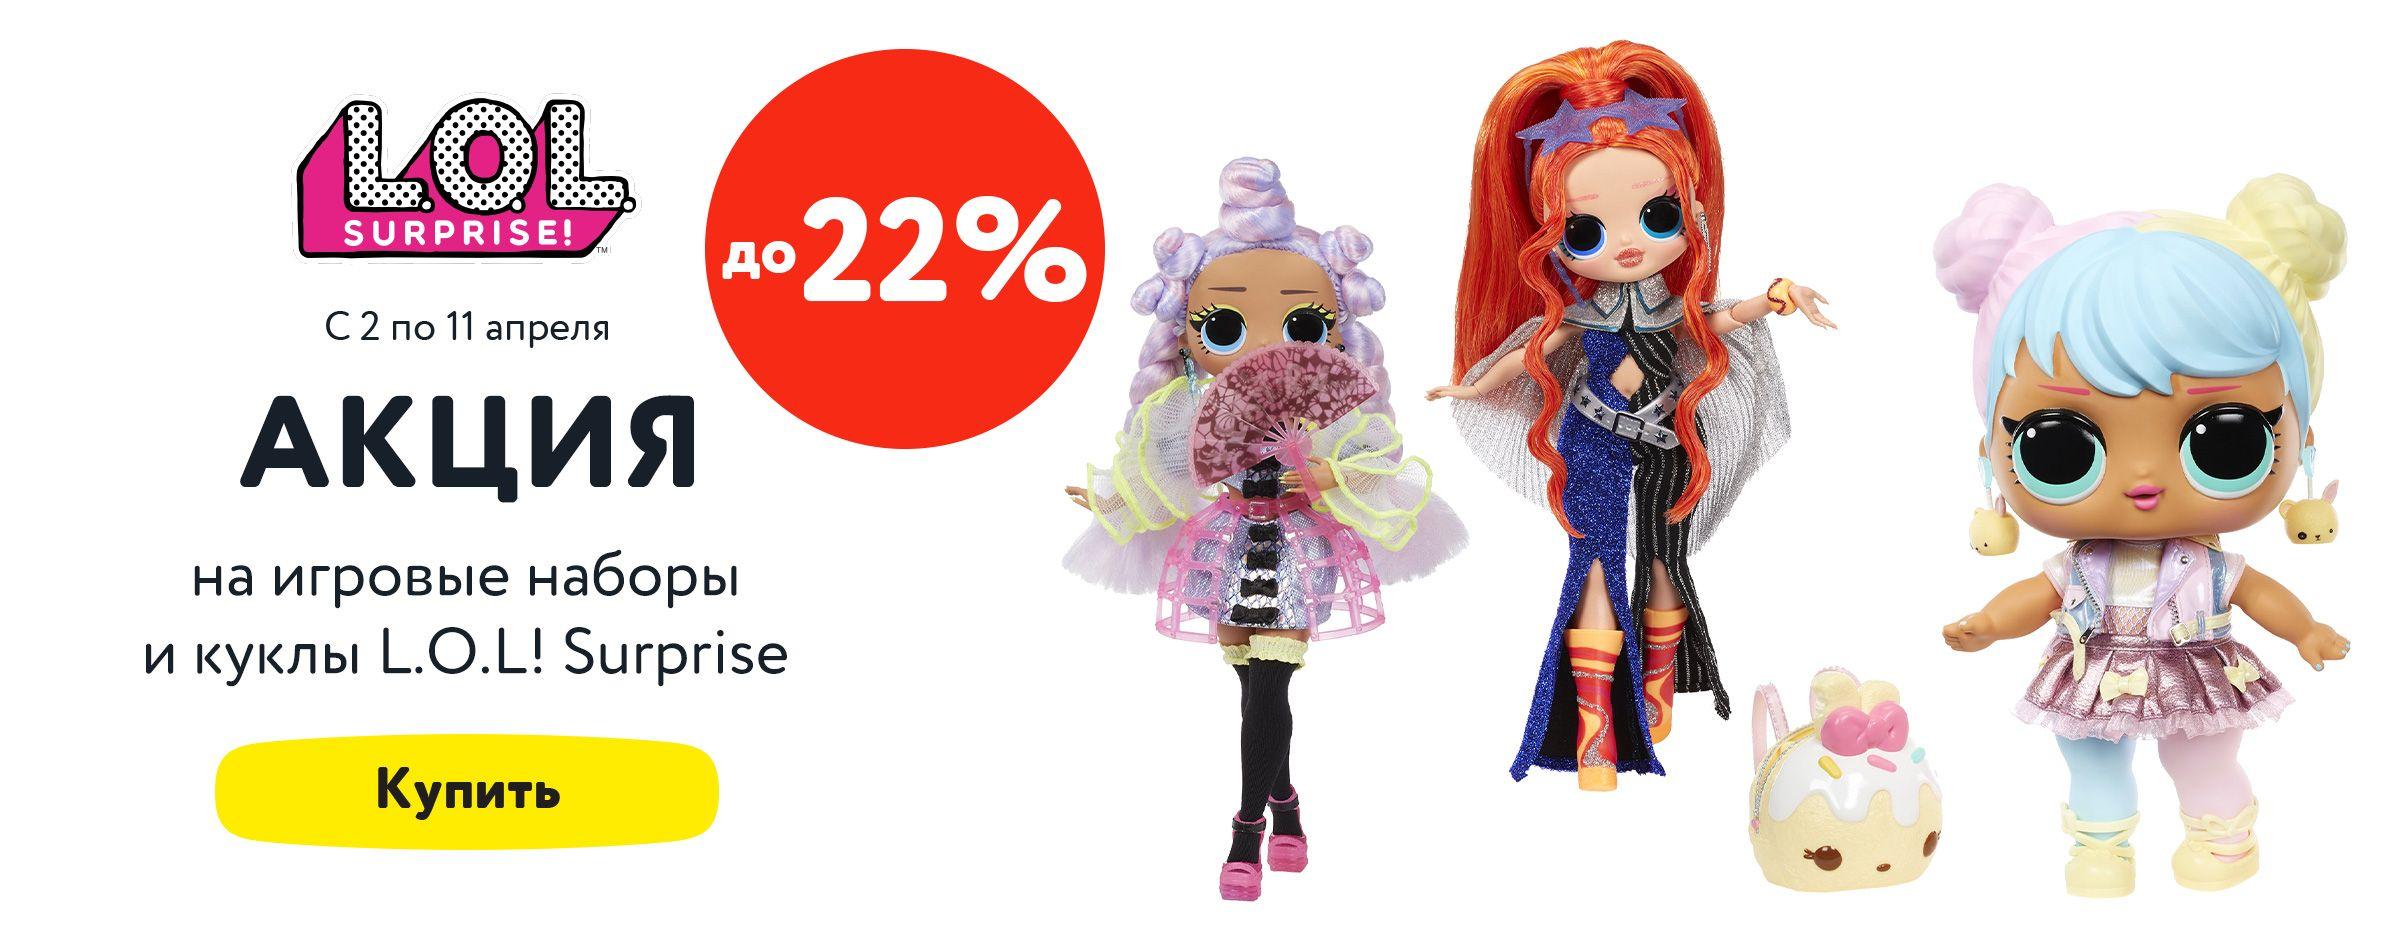 Скидка до 22% на игровые наборы и куклы L.O.L! Surprise статика